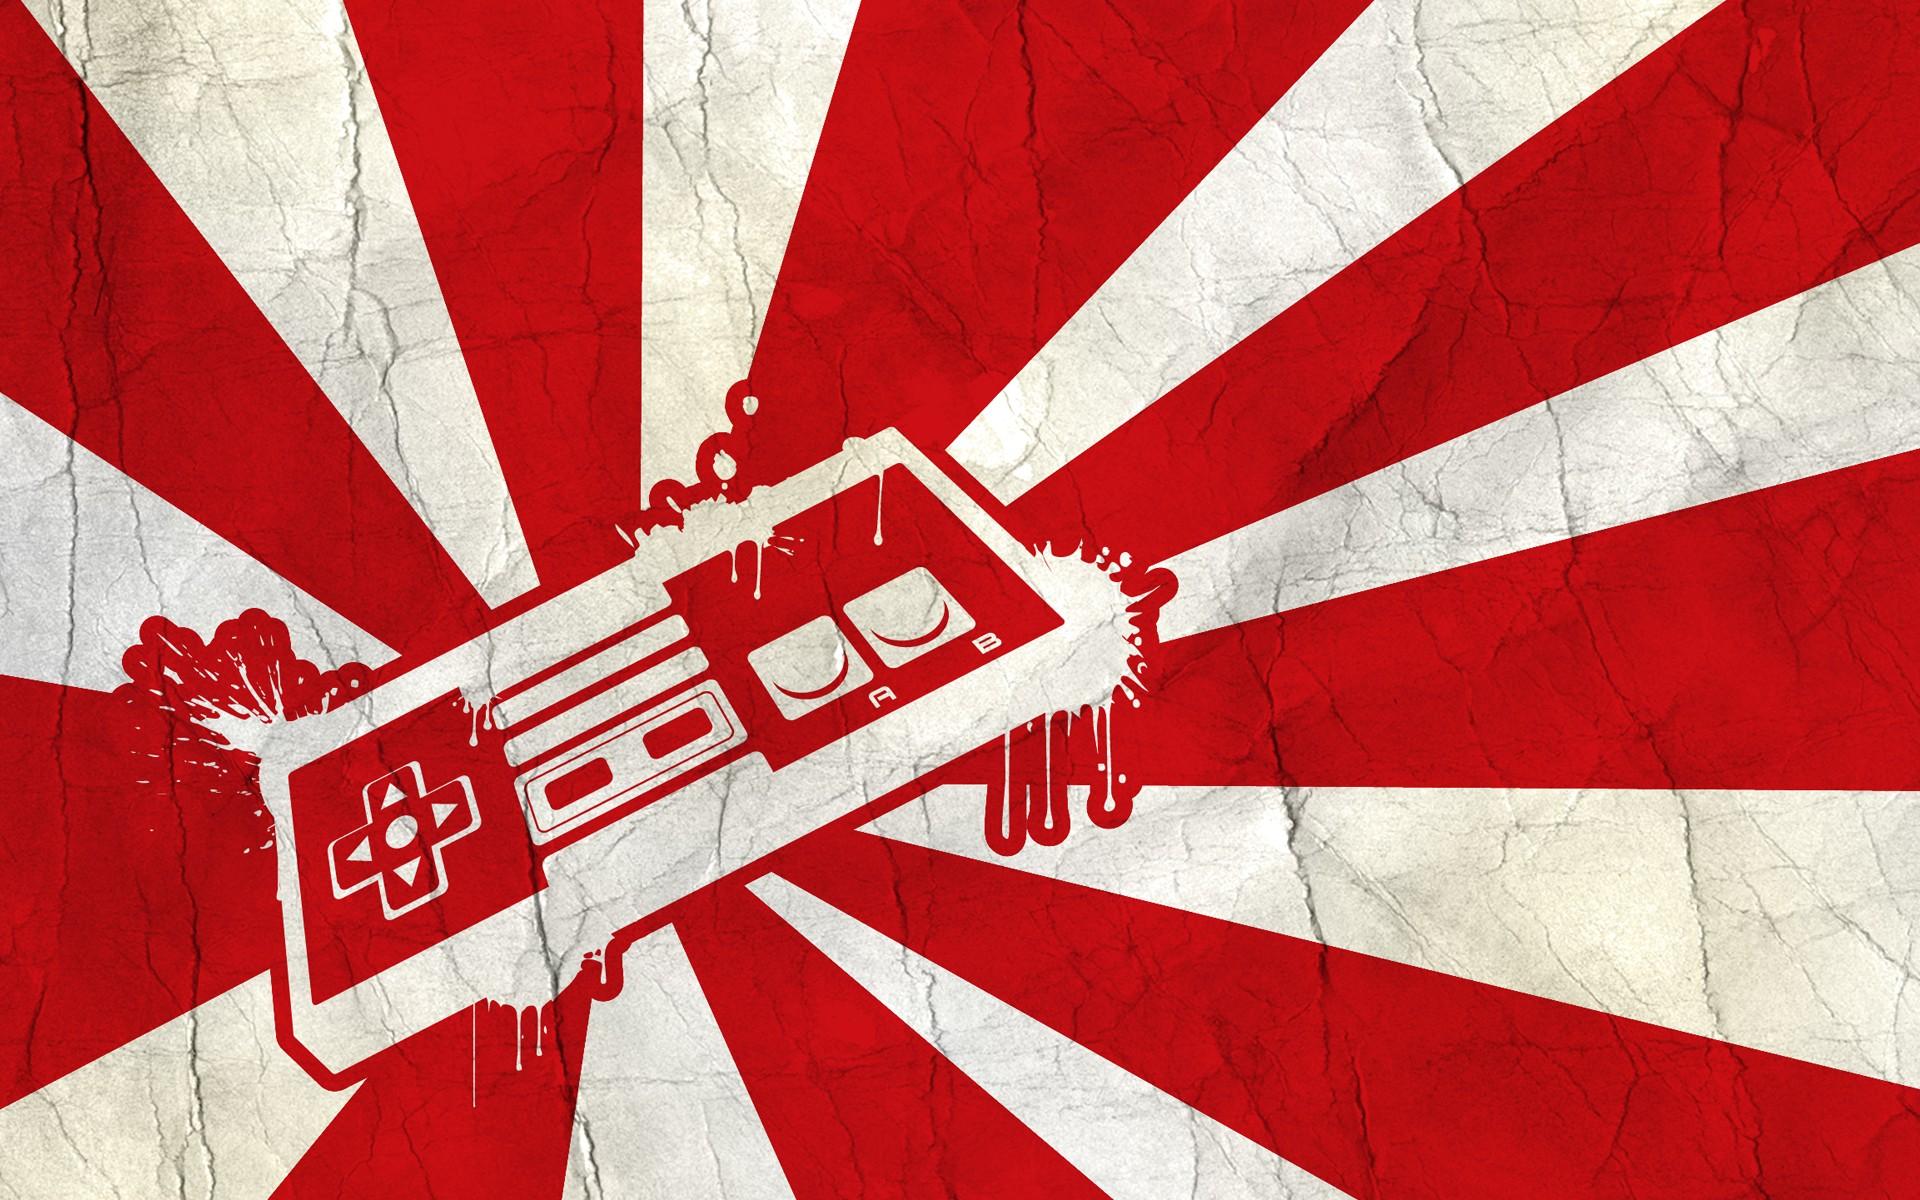 Fondos De Pantalla Ilustración Videojuegos Rojo Simetría